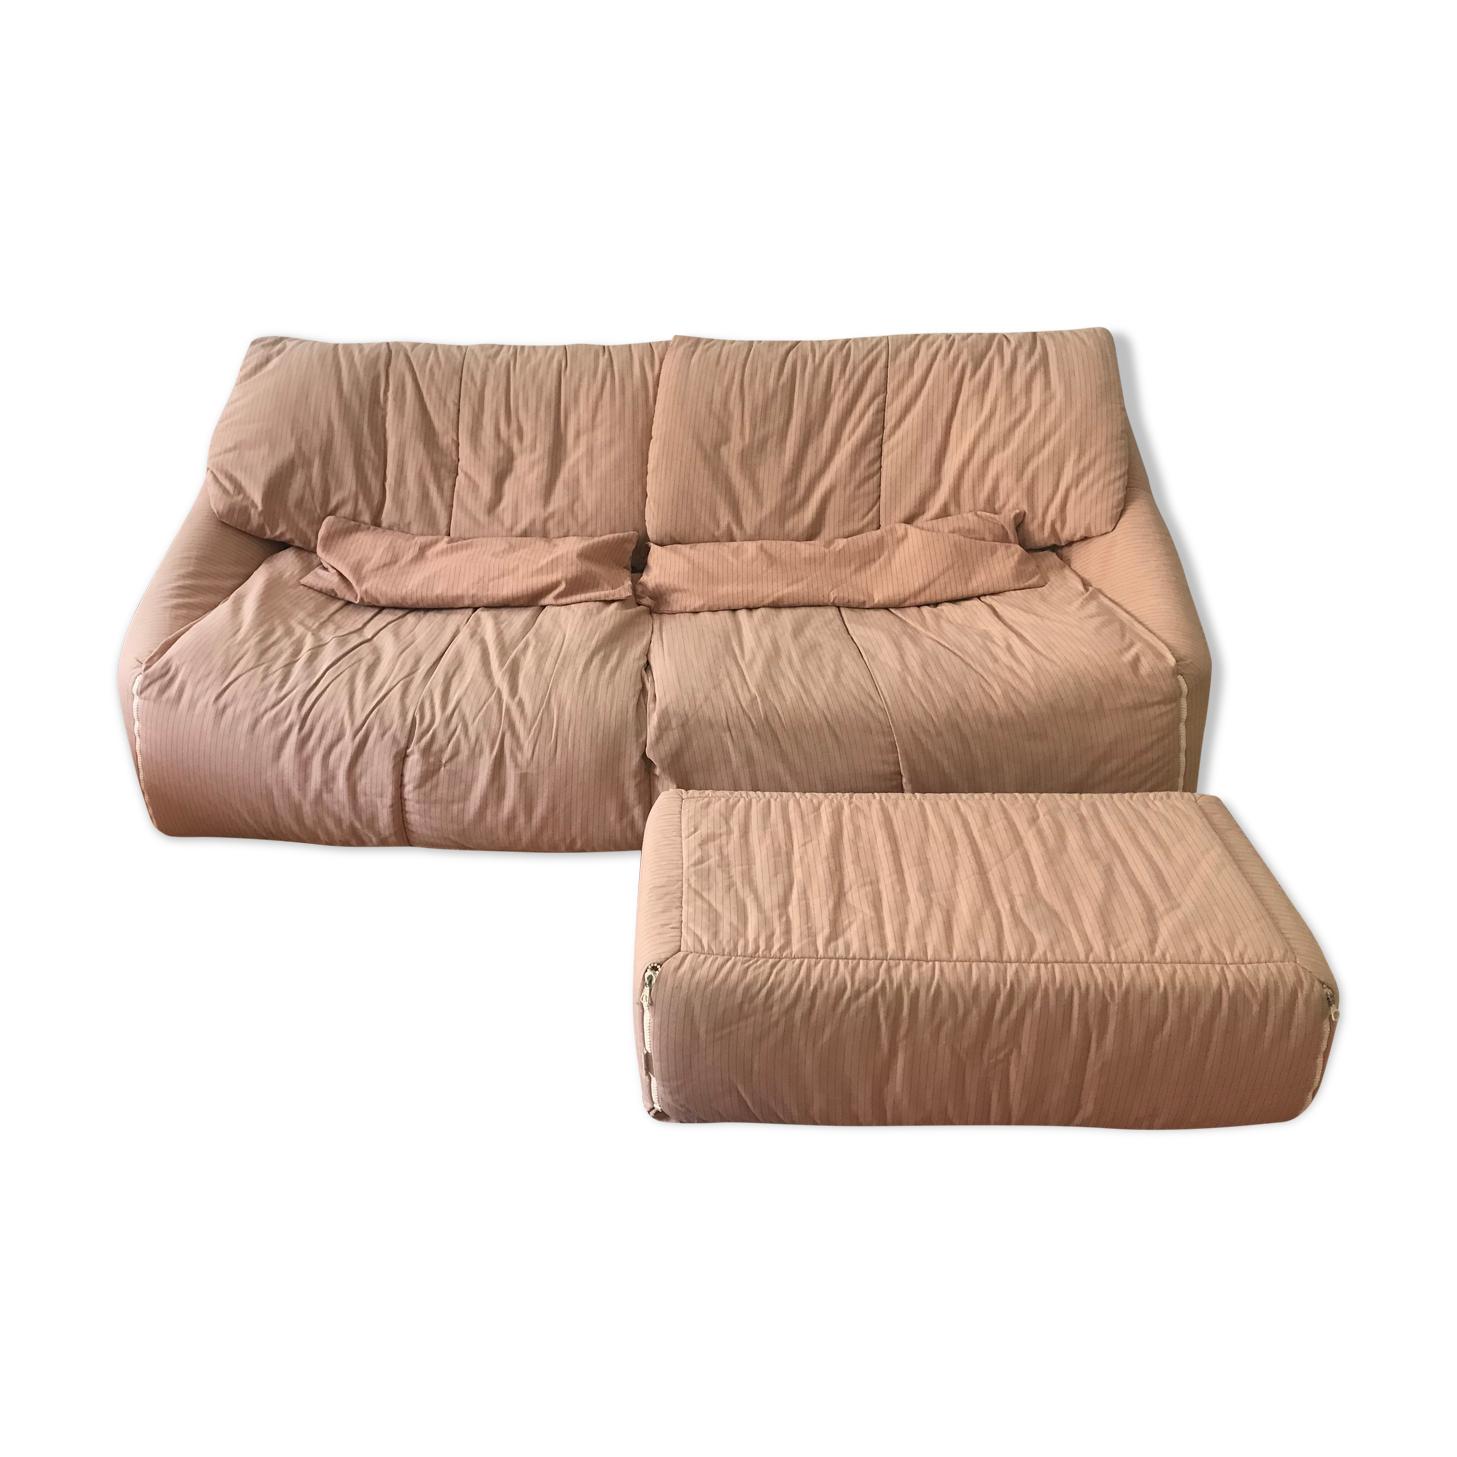 Canapé modèle Plummy d'Hieronimus Annie édité par Cinna